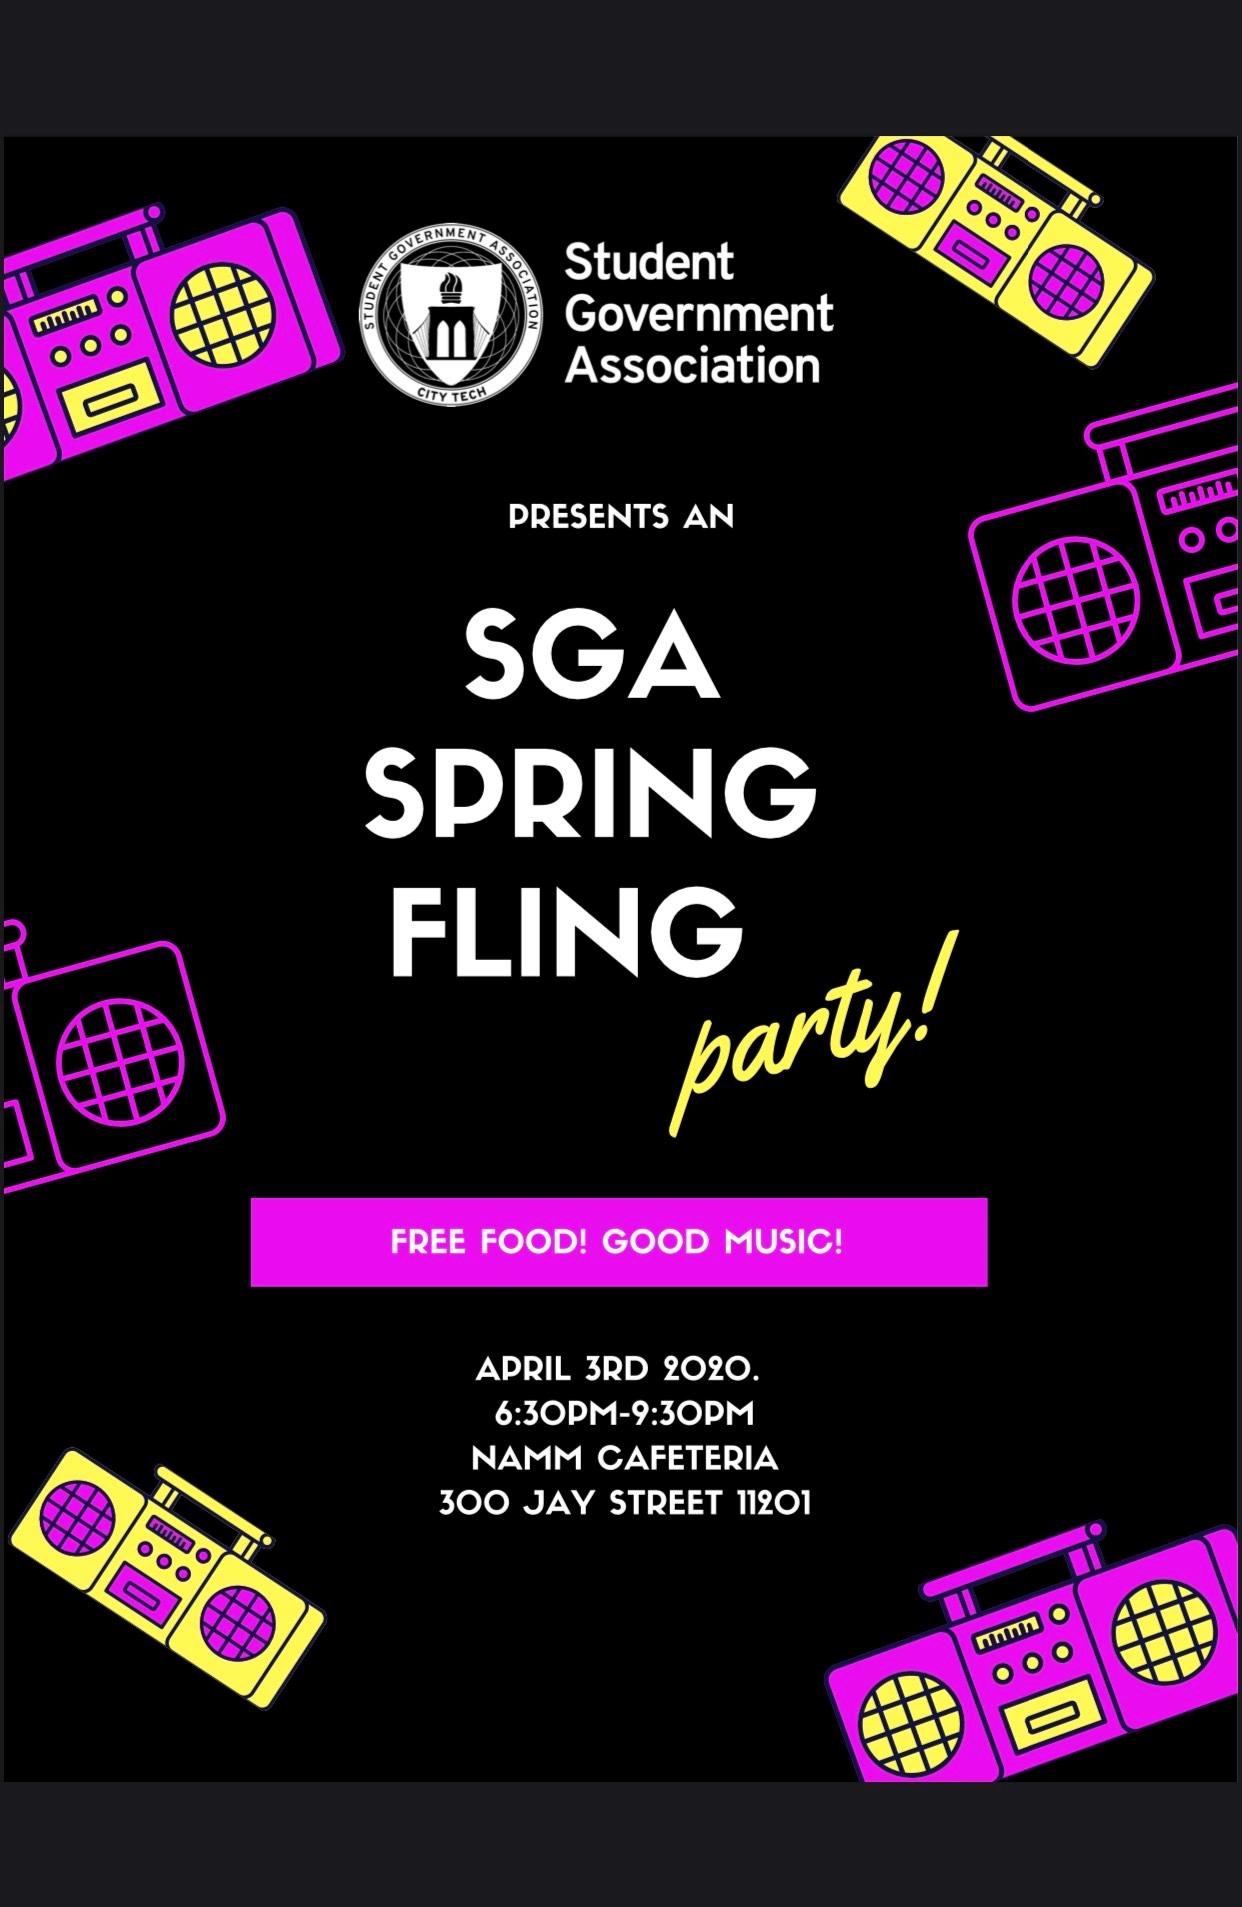 SGA SPRING FLING Semester Party